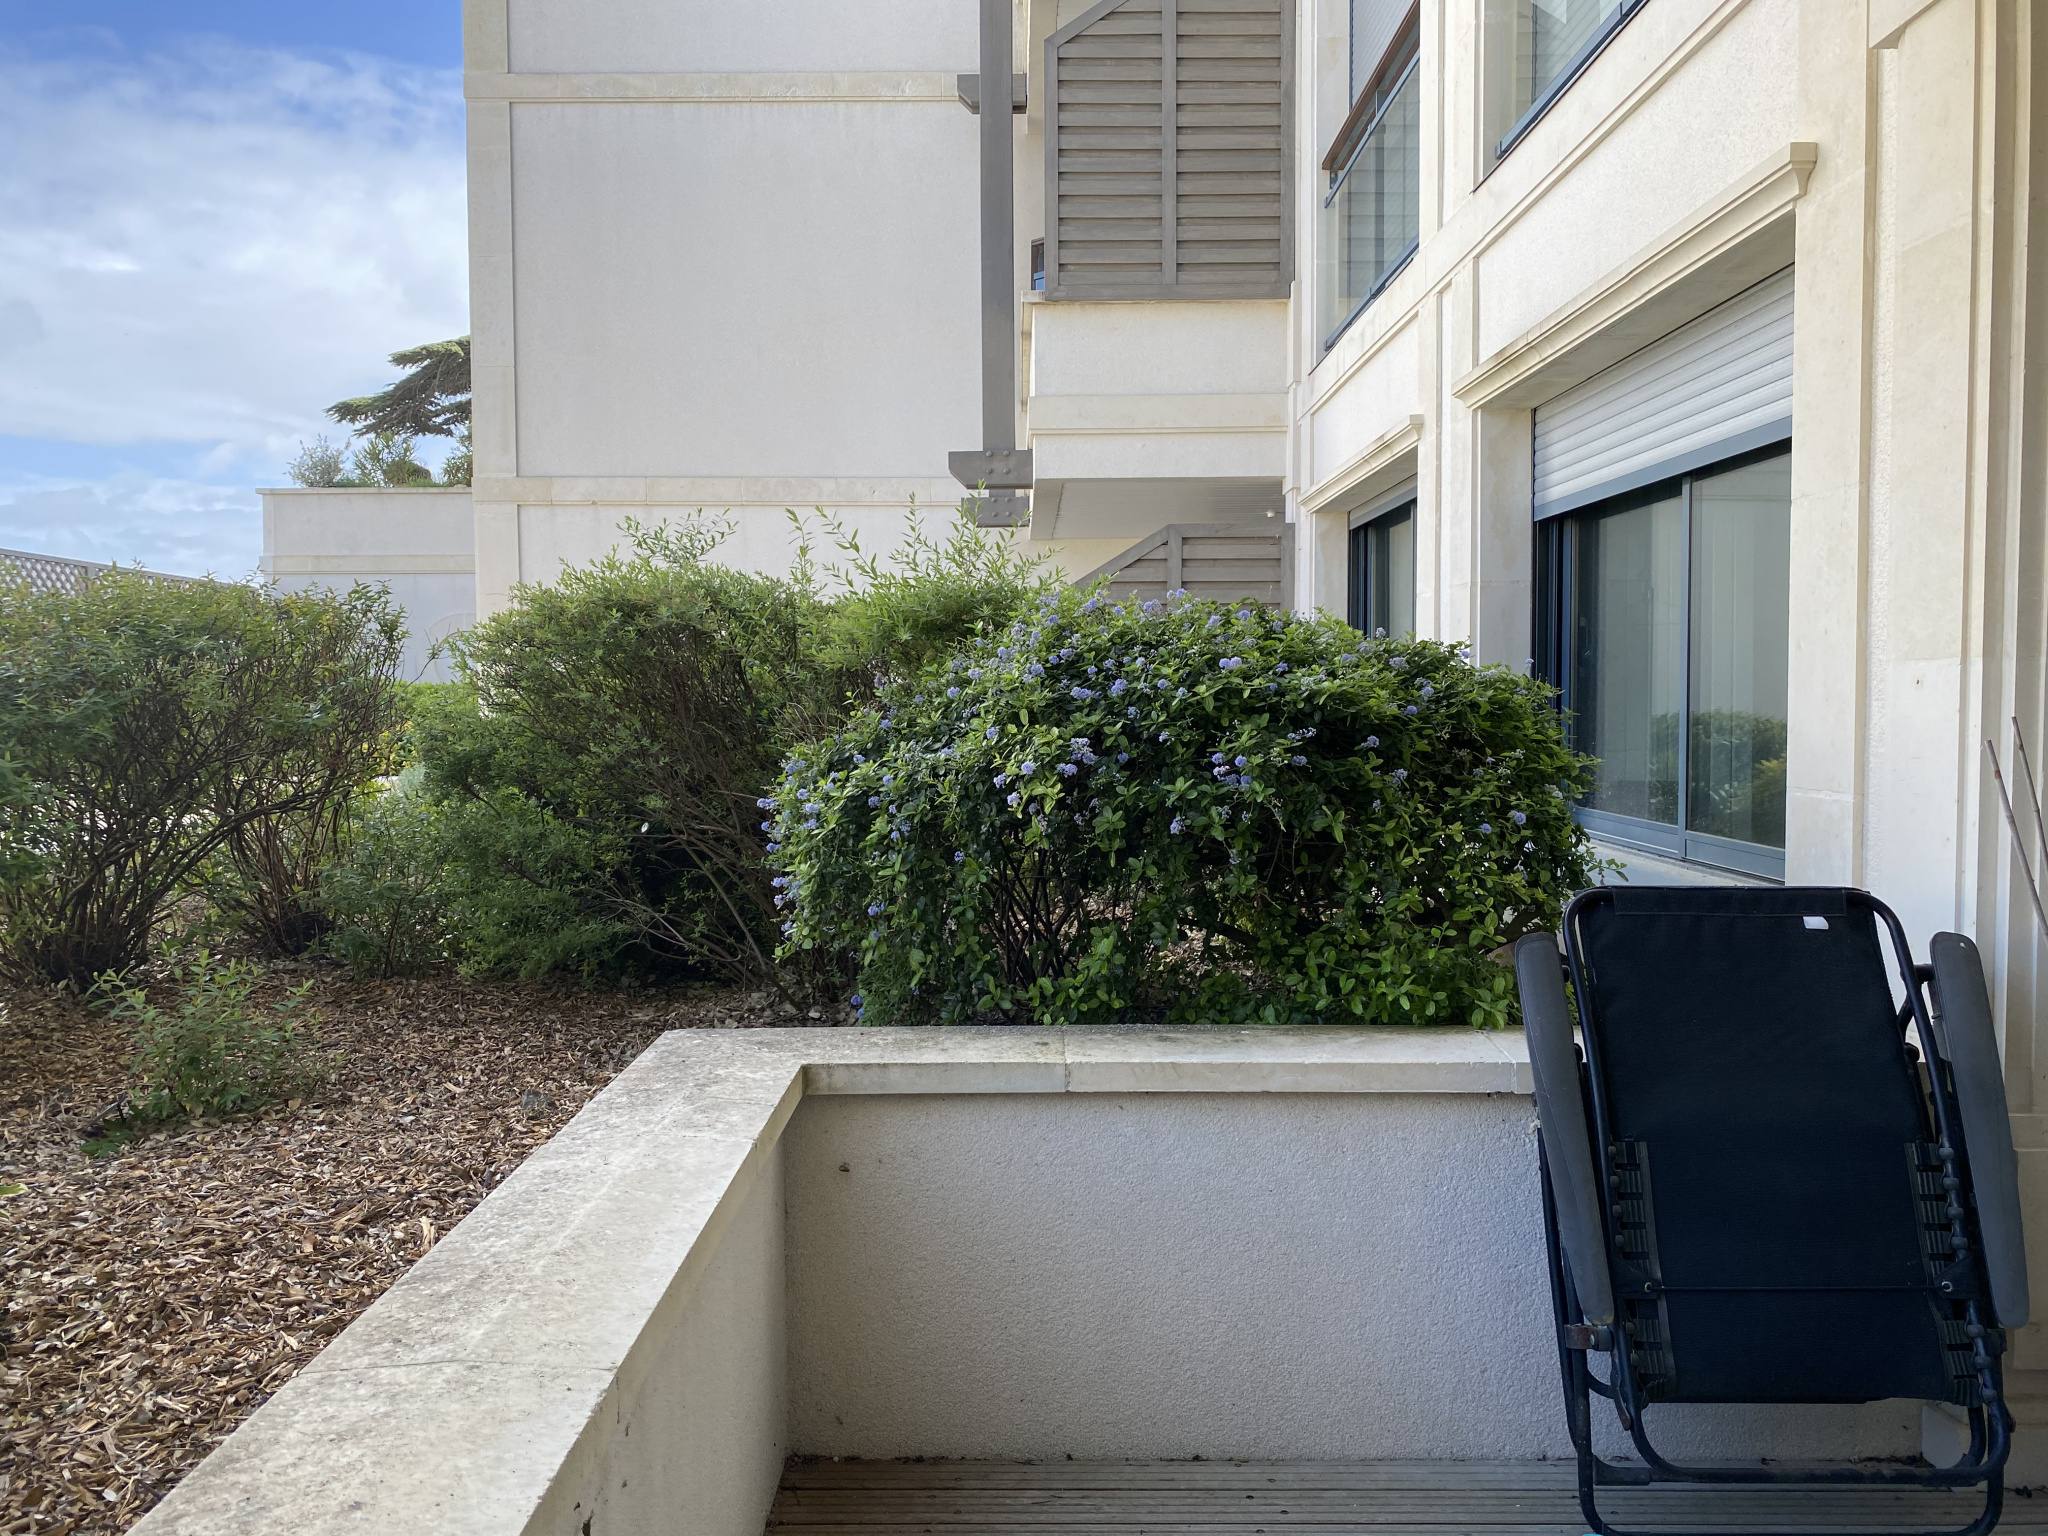 appartement la rochelle LA ROCHELLE - HAUT DU MAIL - APPARTEMENT TYPE 3 - TERRASSE